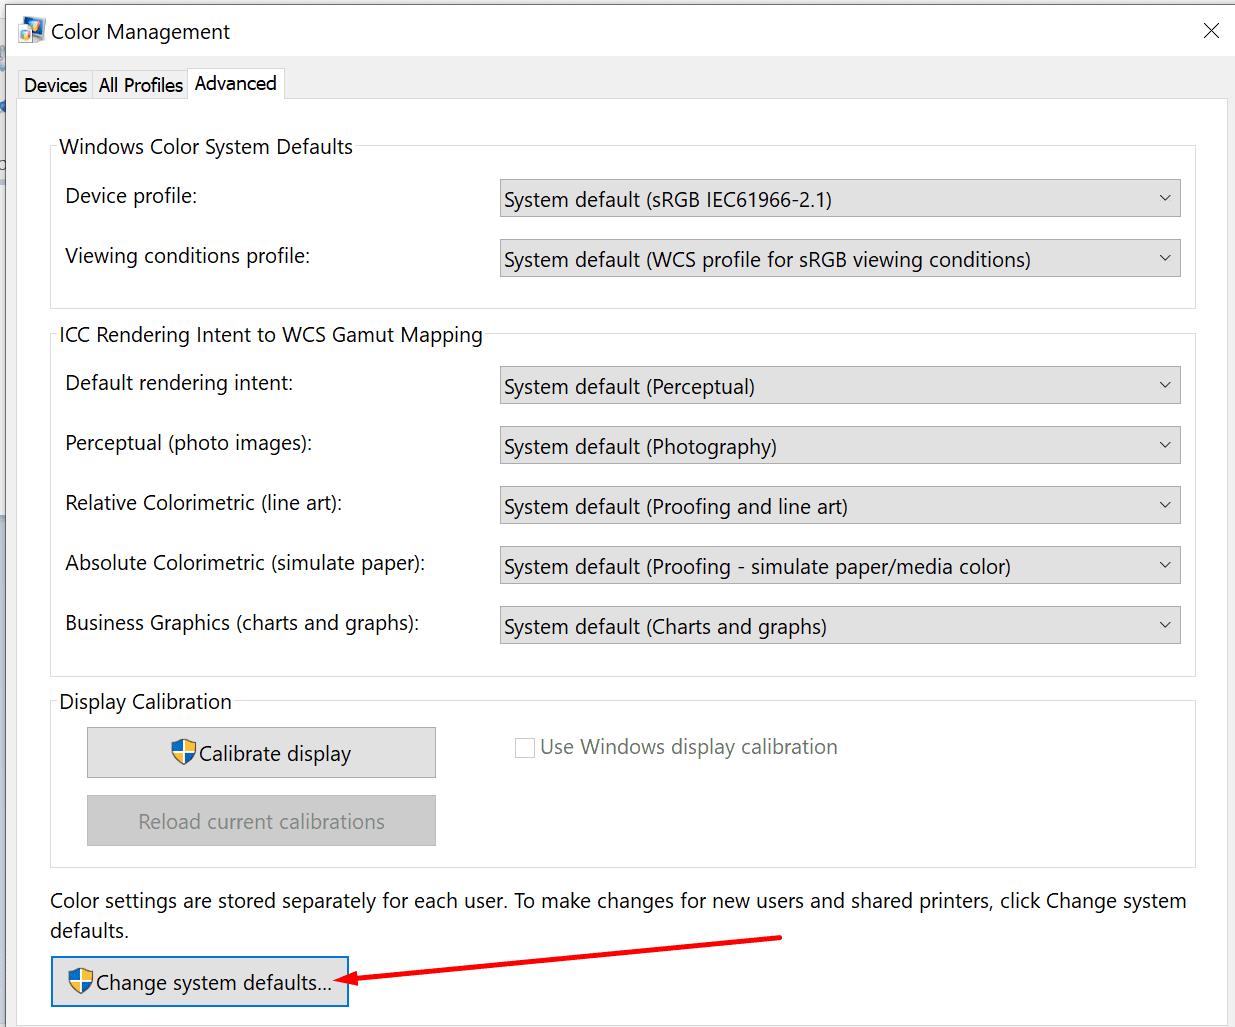 color management advanced change system defaults